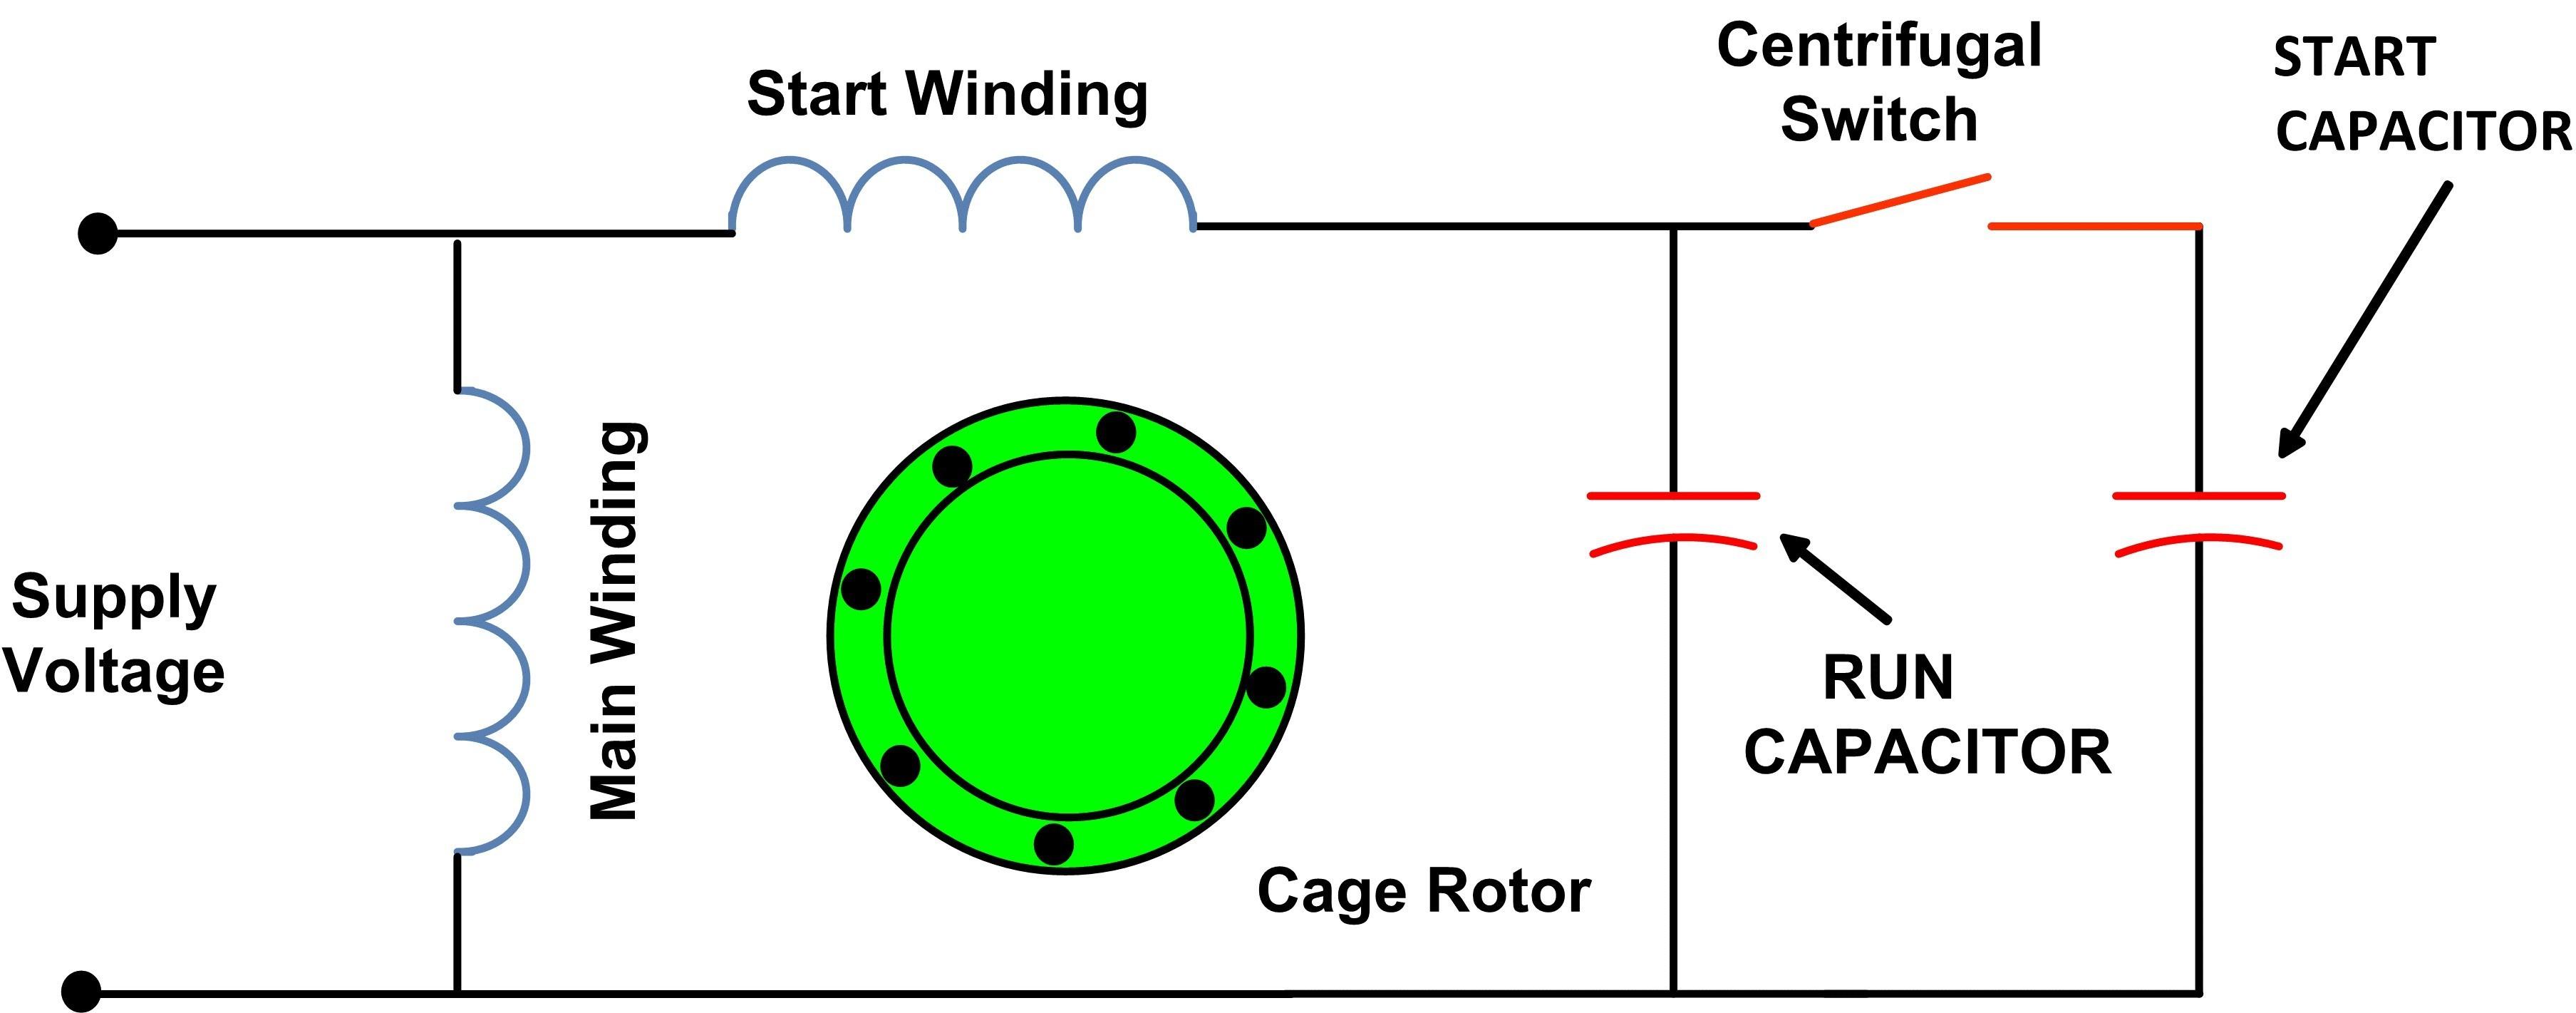 Motor Nameplate Wiring Diagram Best Motor Nameplate Wiring Diagram Fresh Types Single Phase Induction